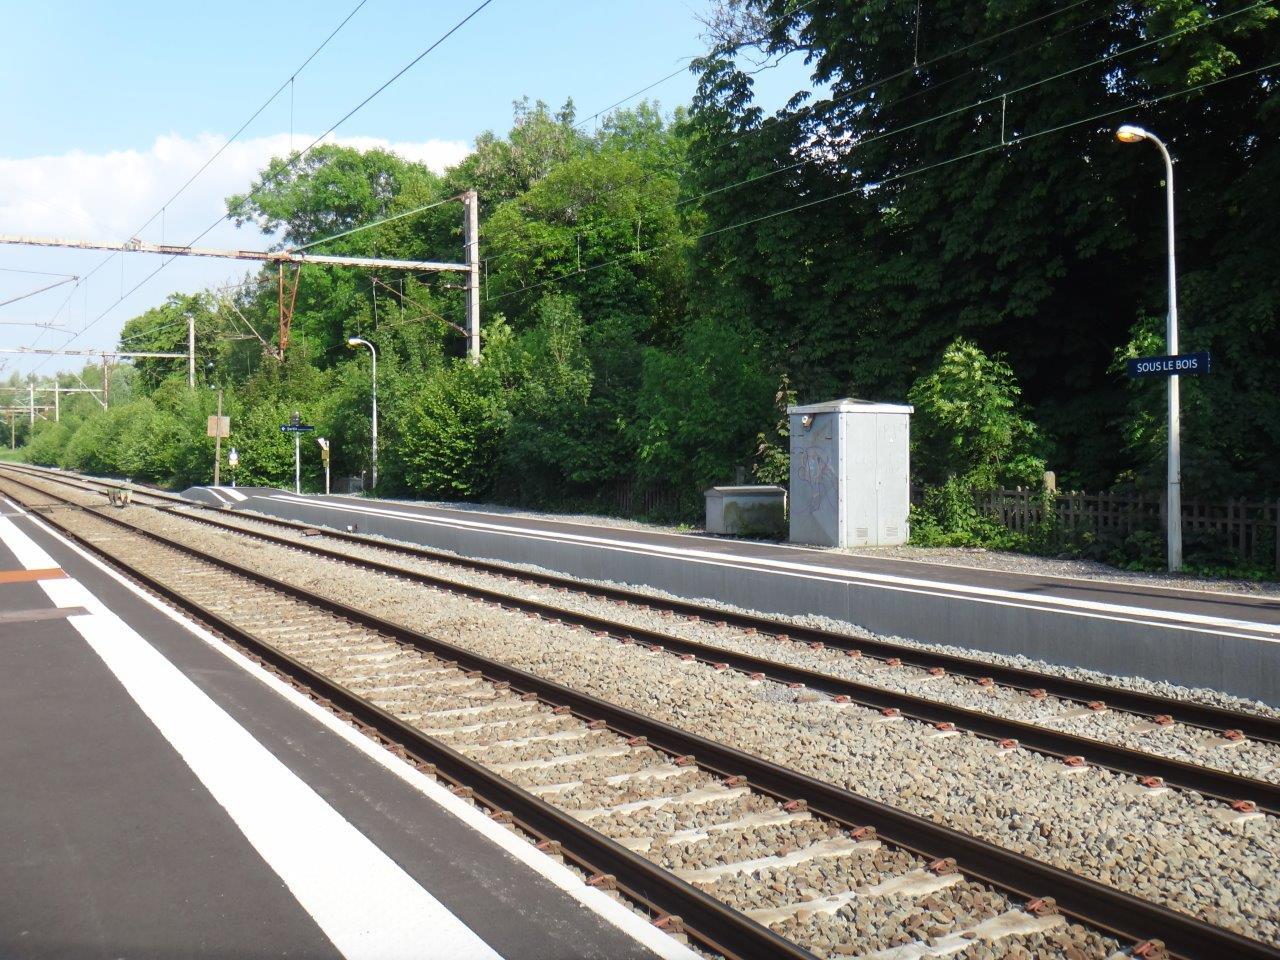 gare-de-sous-le-bois-train-station